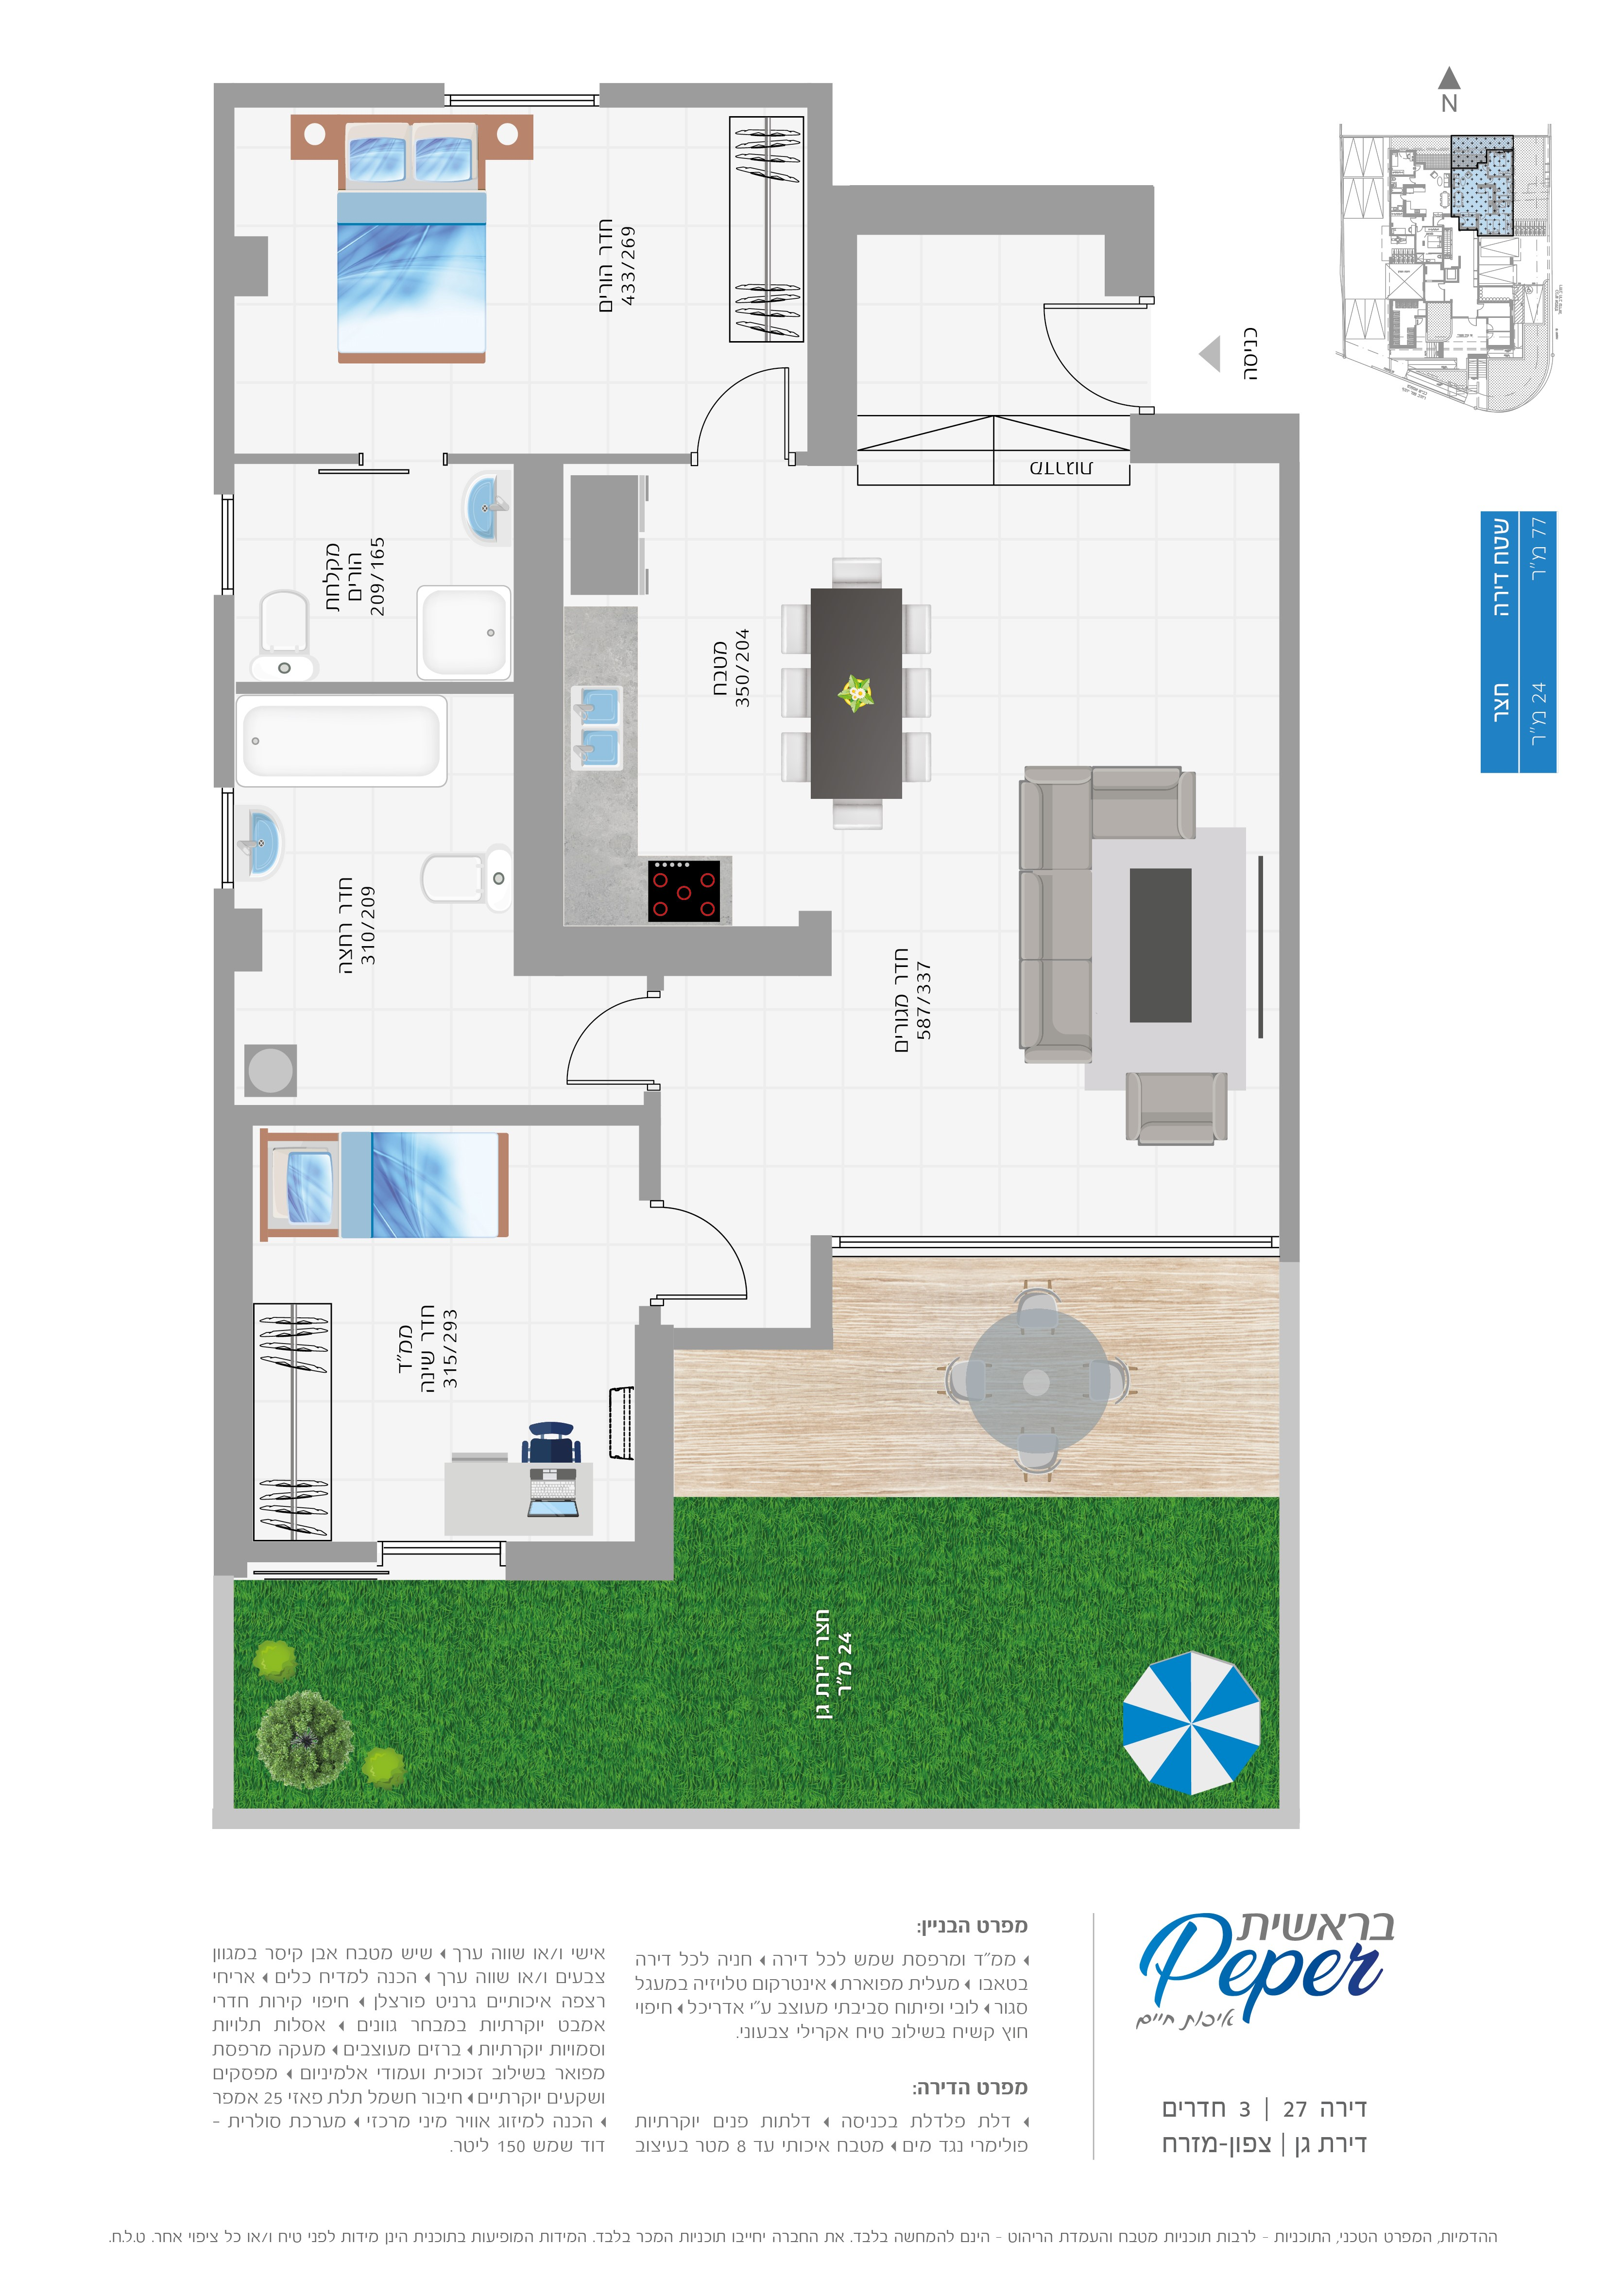 תוכנית הדירה לנכס מספר 27